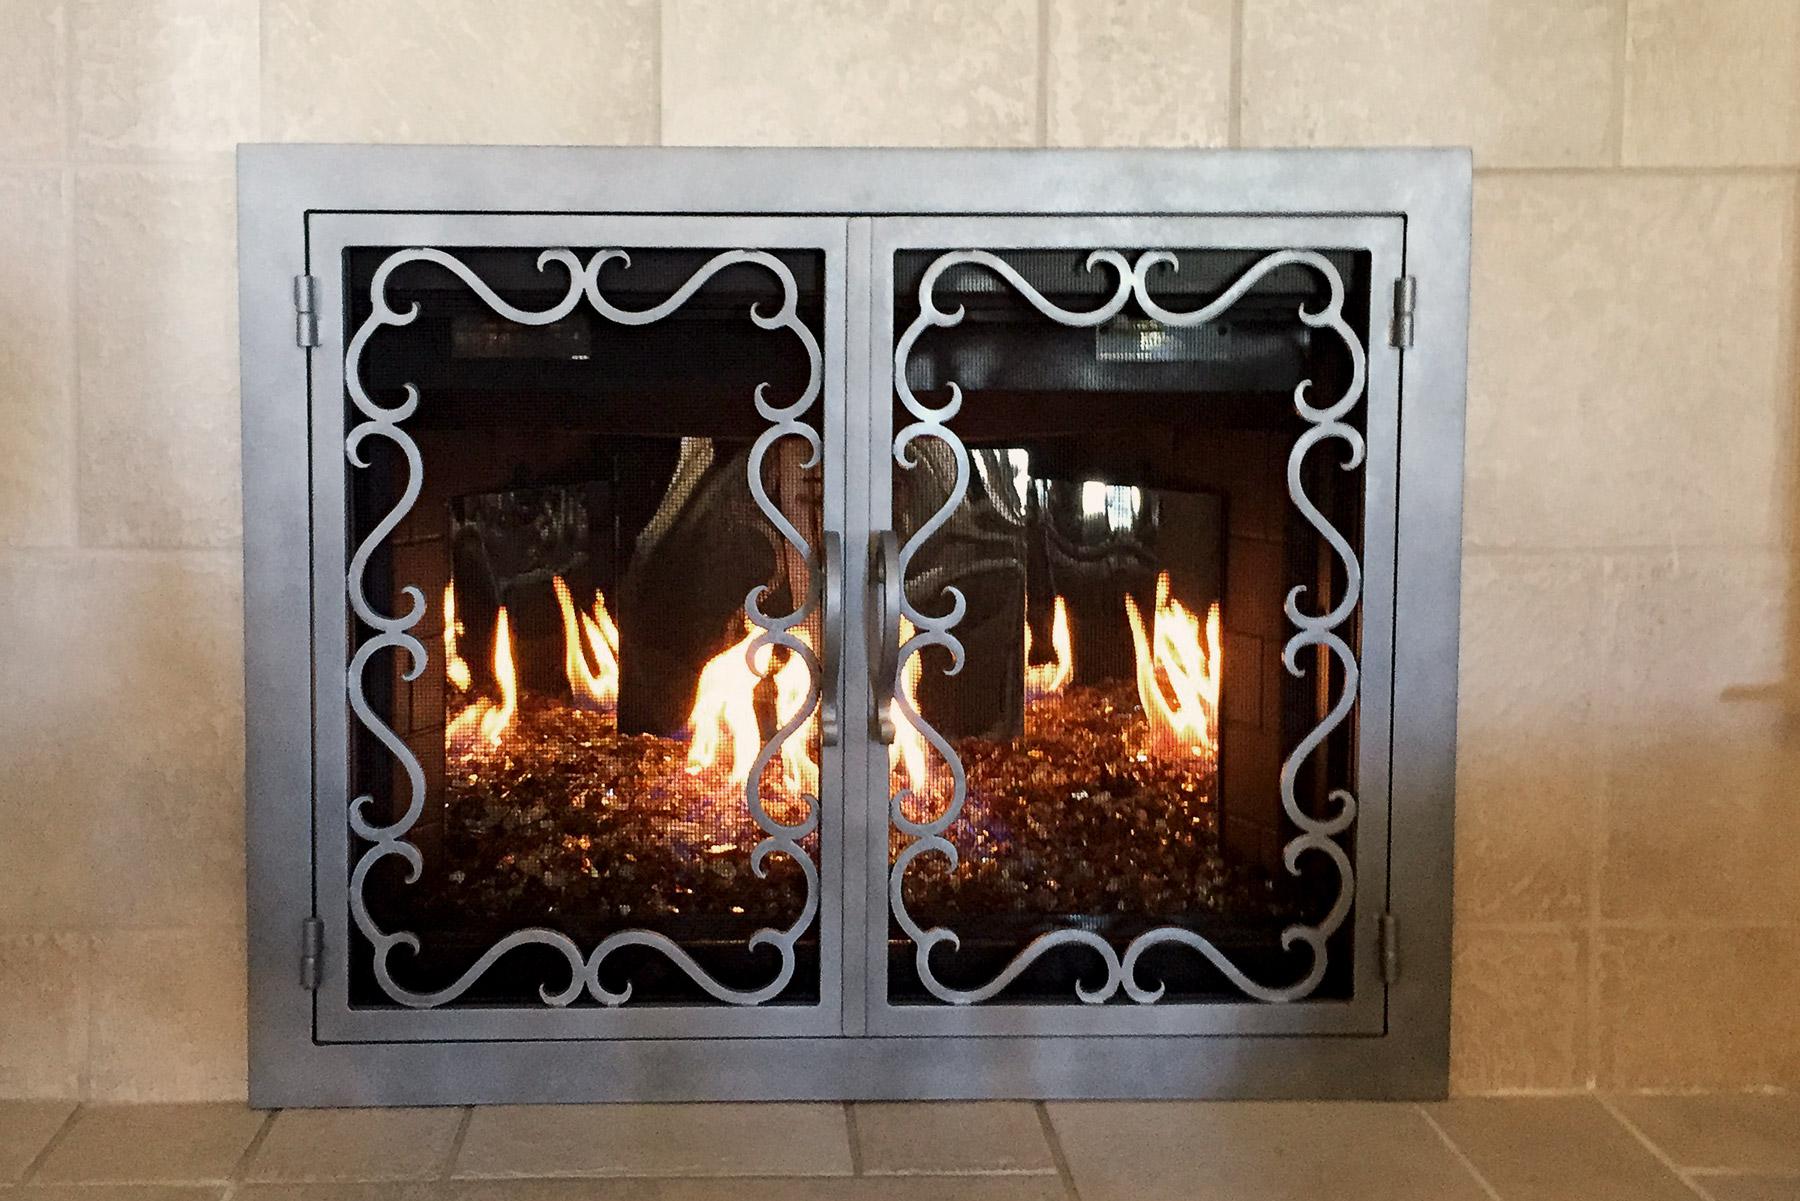 Reef 35 Fireplace Door Flame